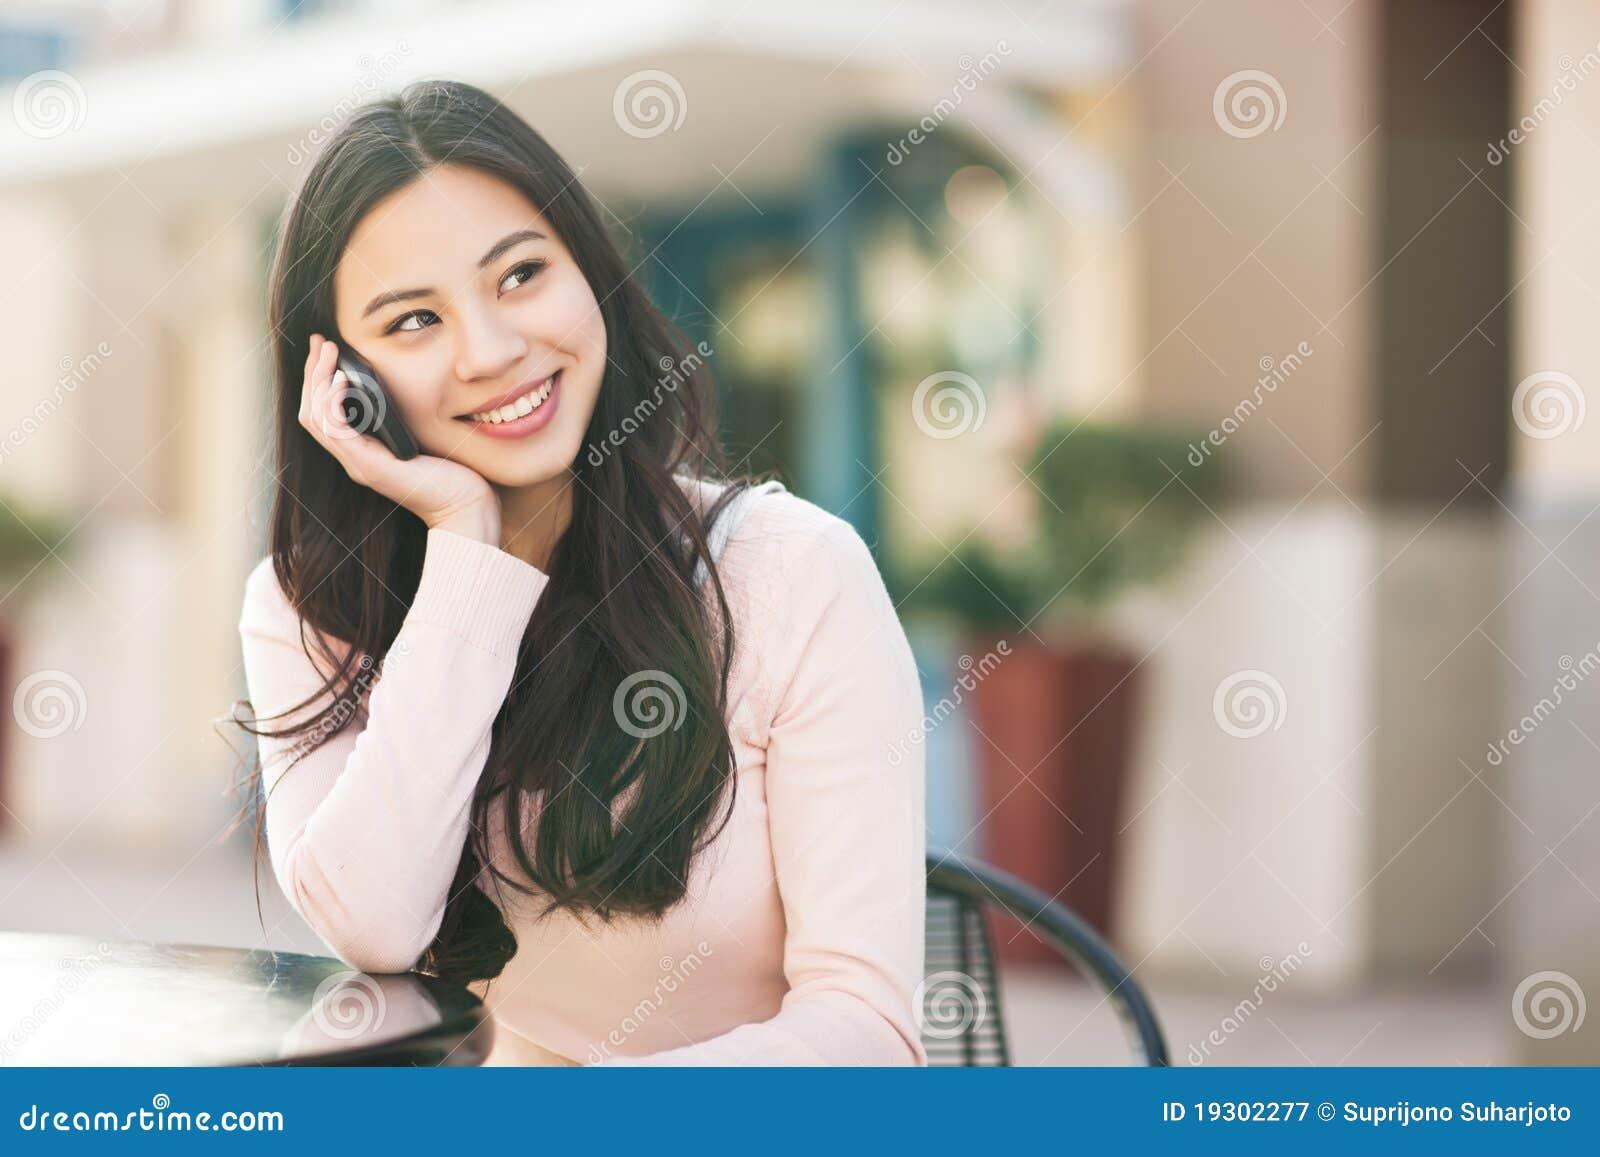 zine asian women telephone